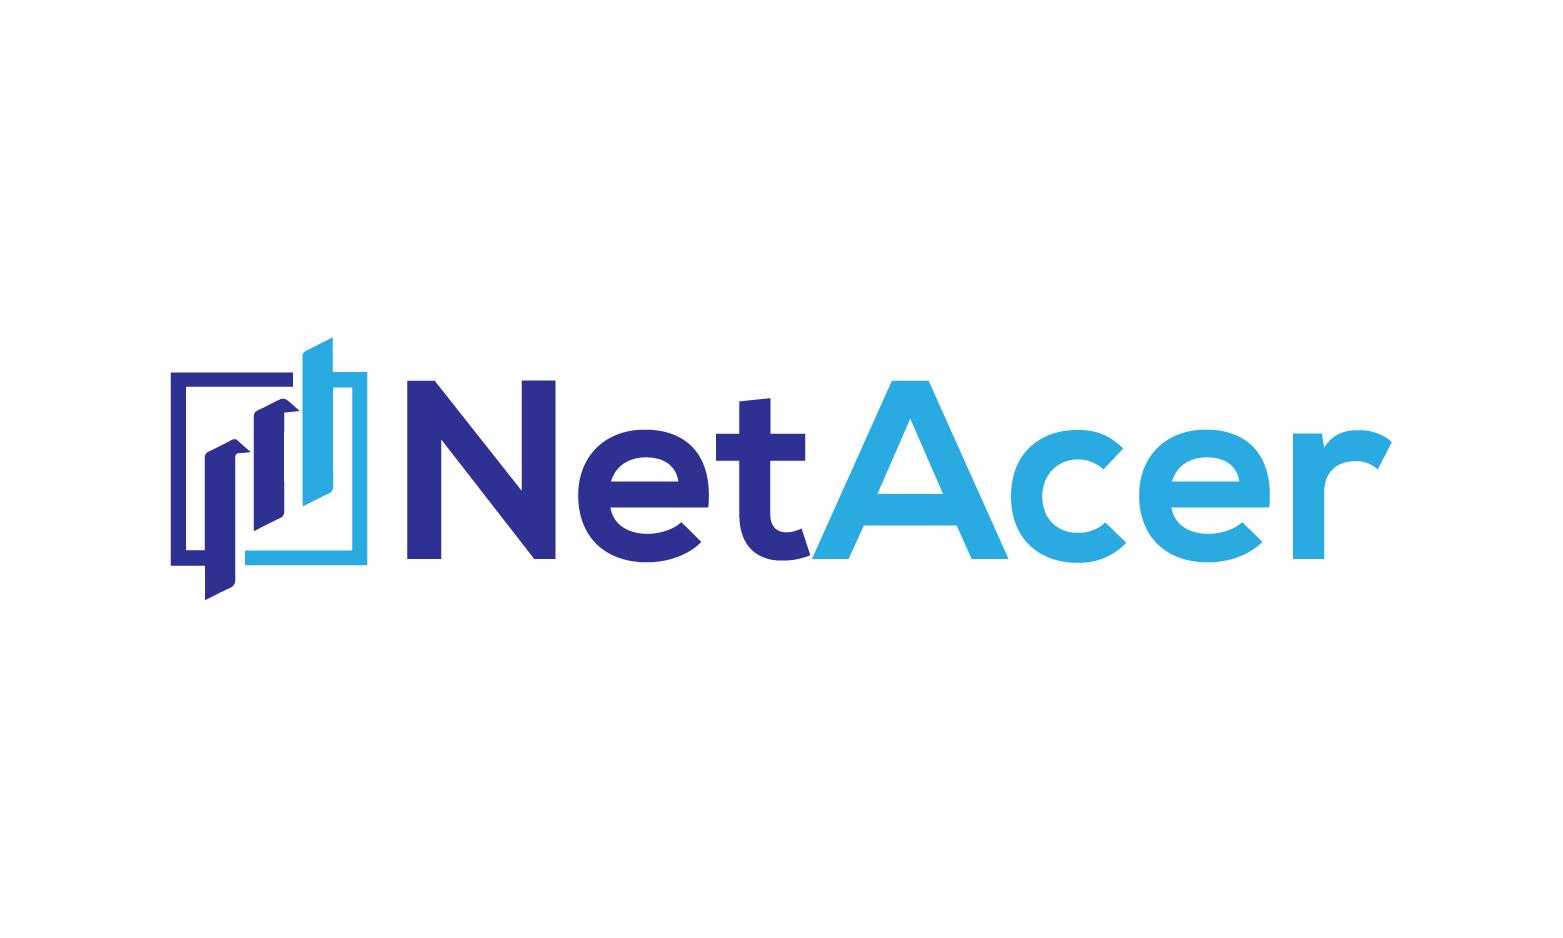 NetAcer.com